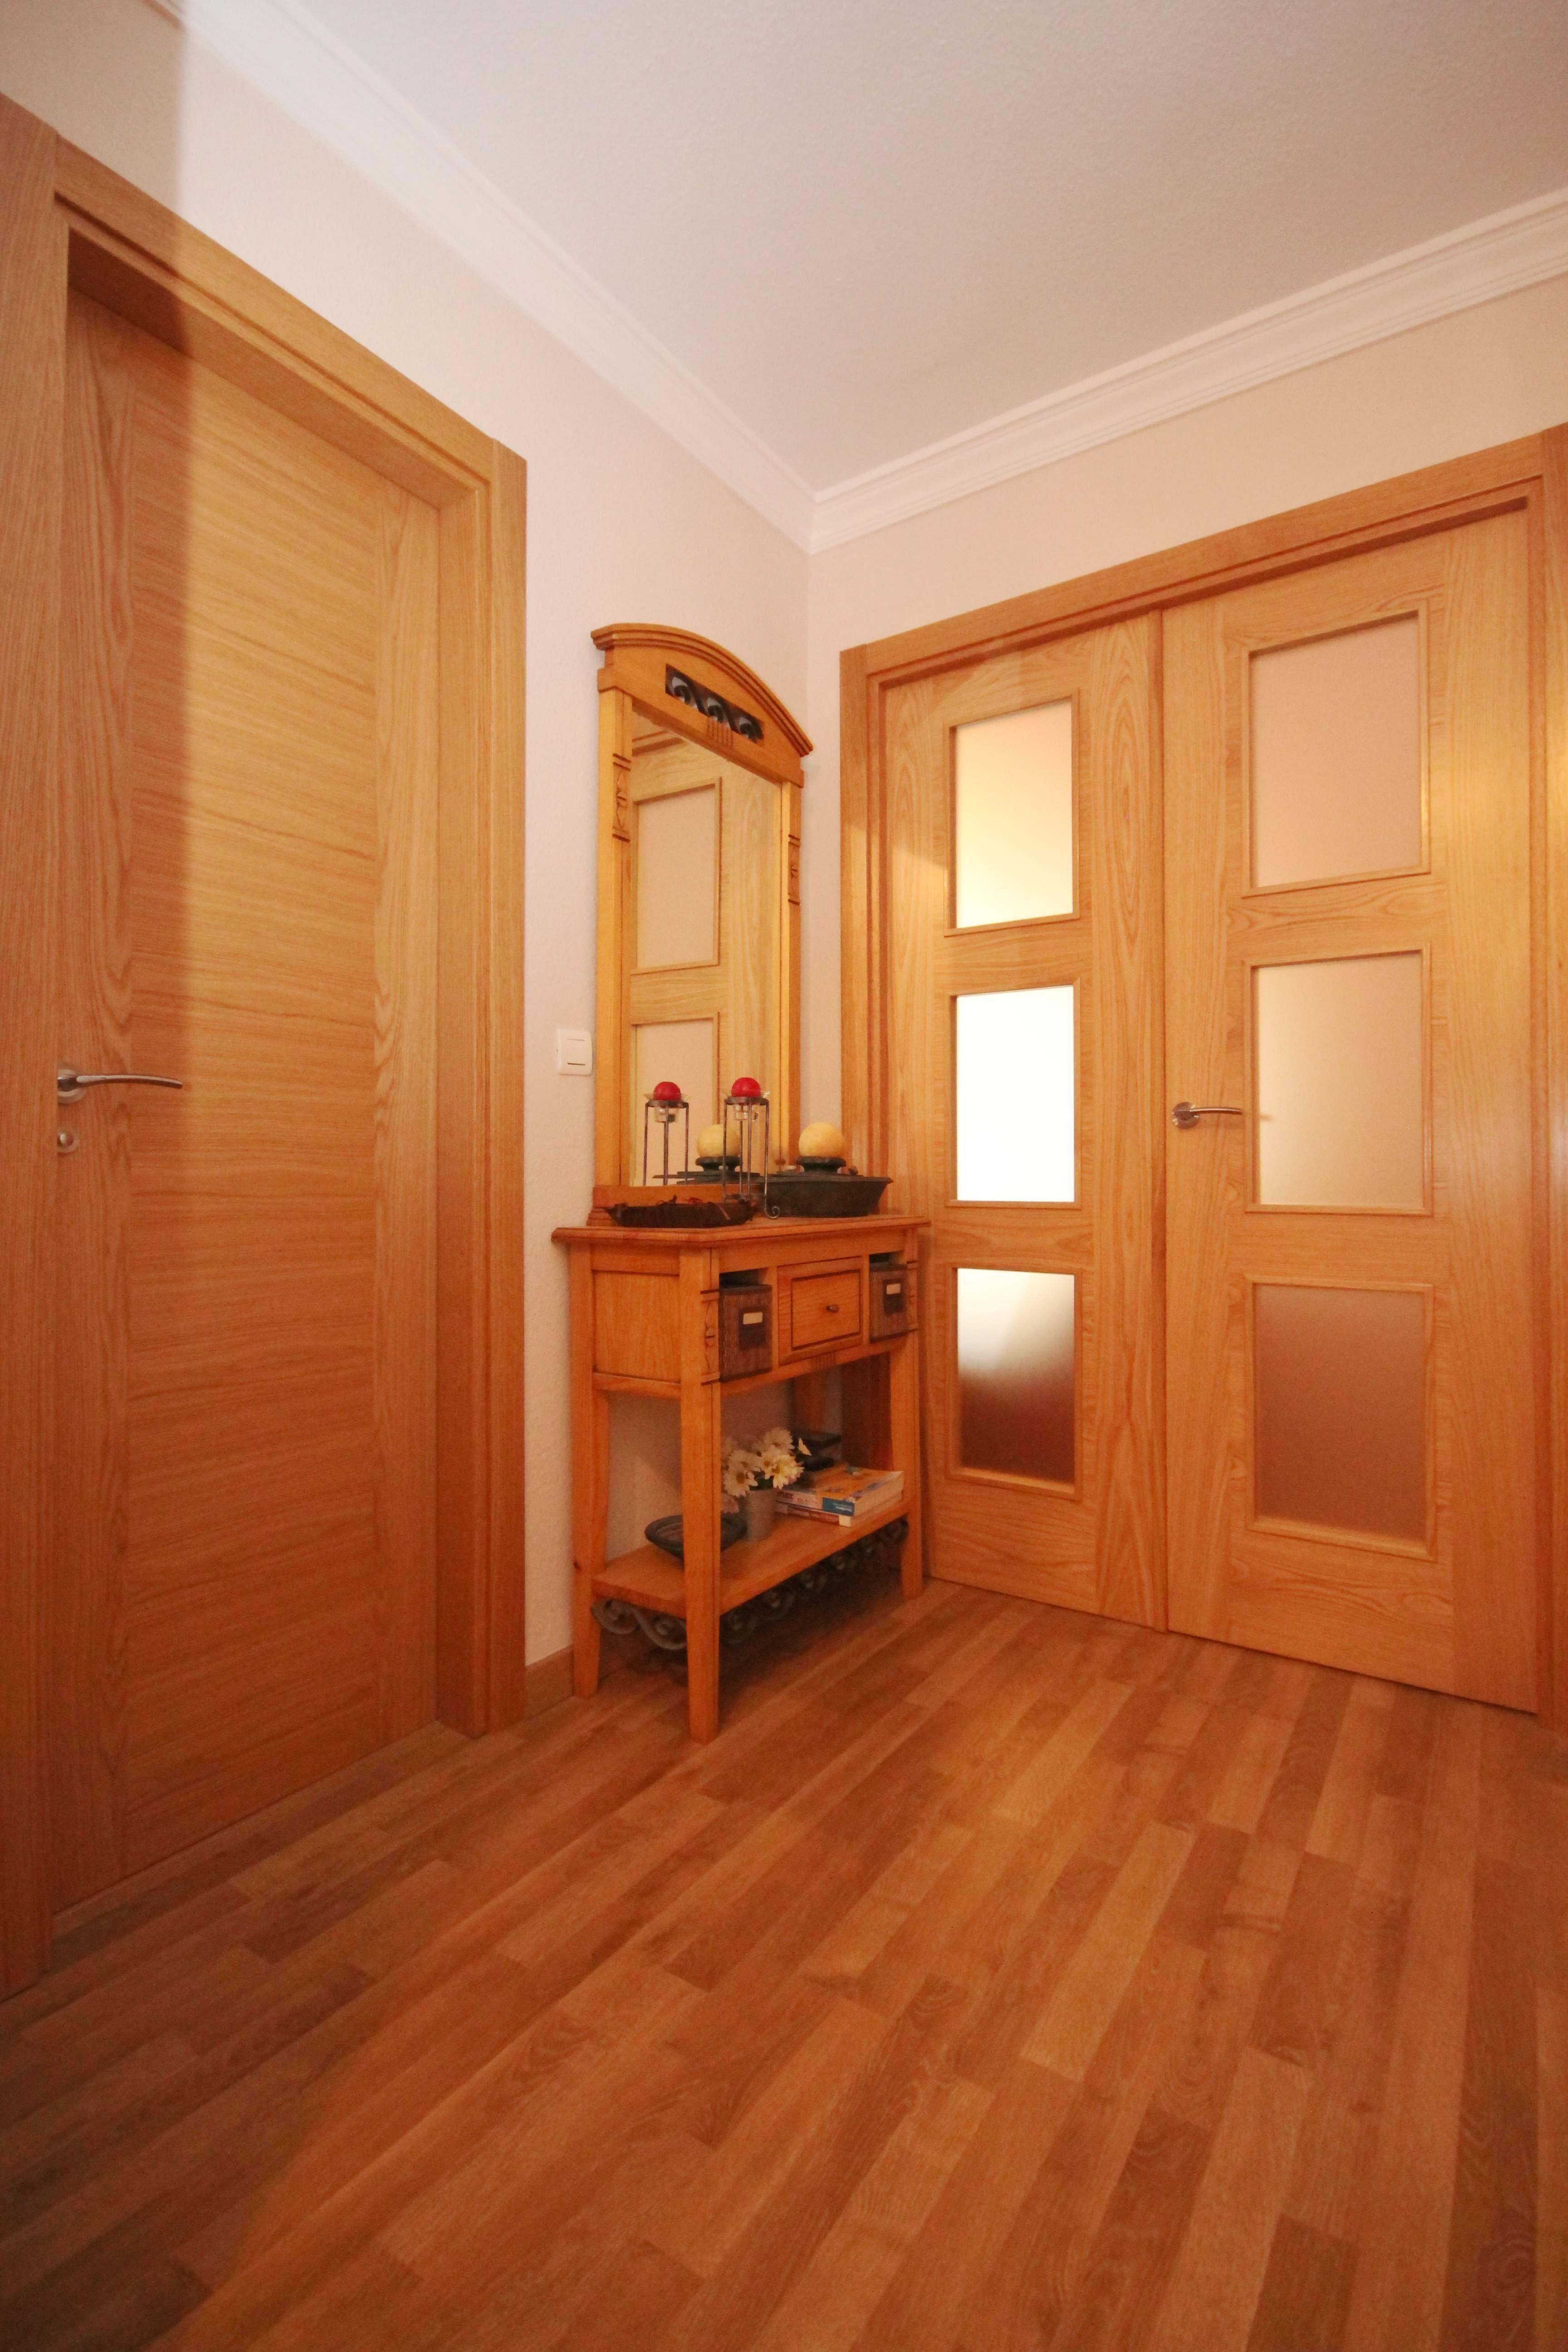 Tarima flotante y puertas en roble una buena pareja qu for Buenas ideas para el hogar